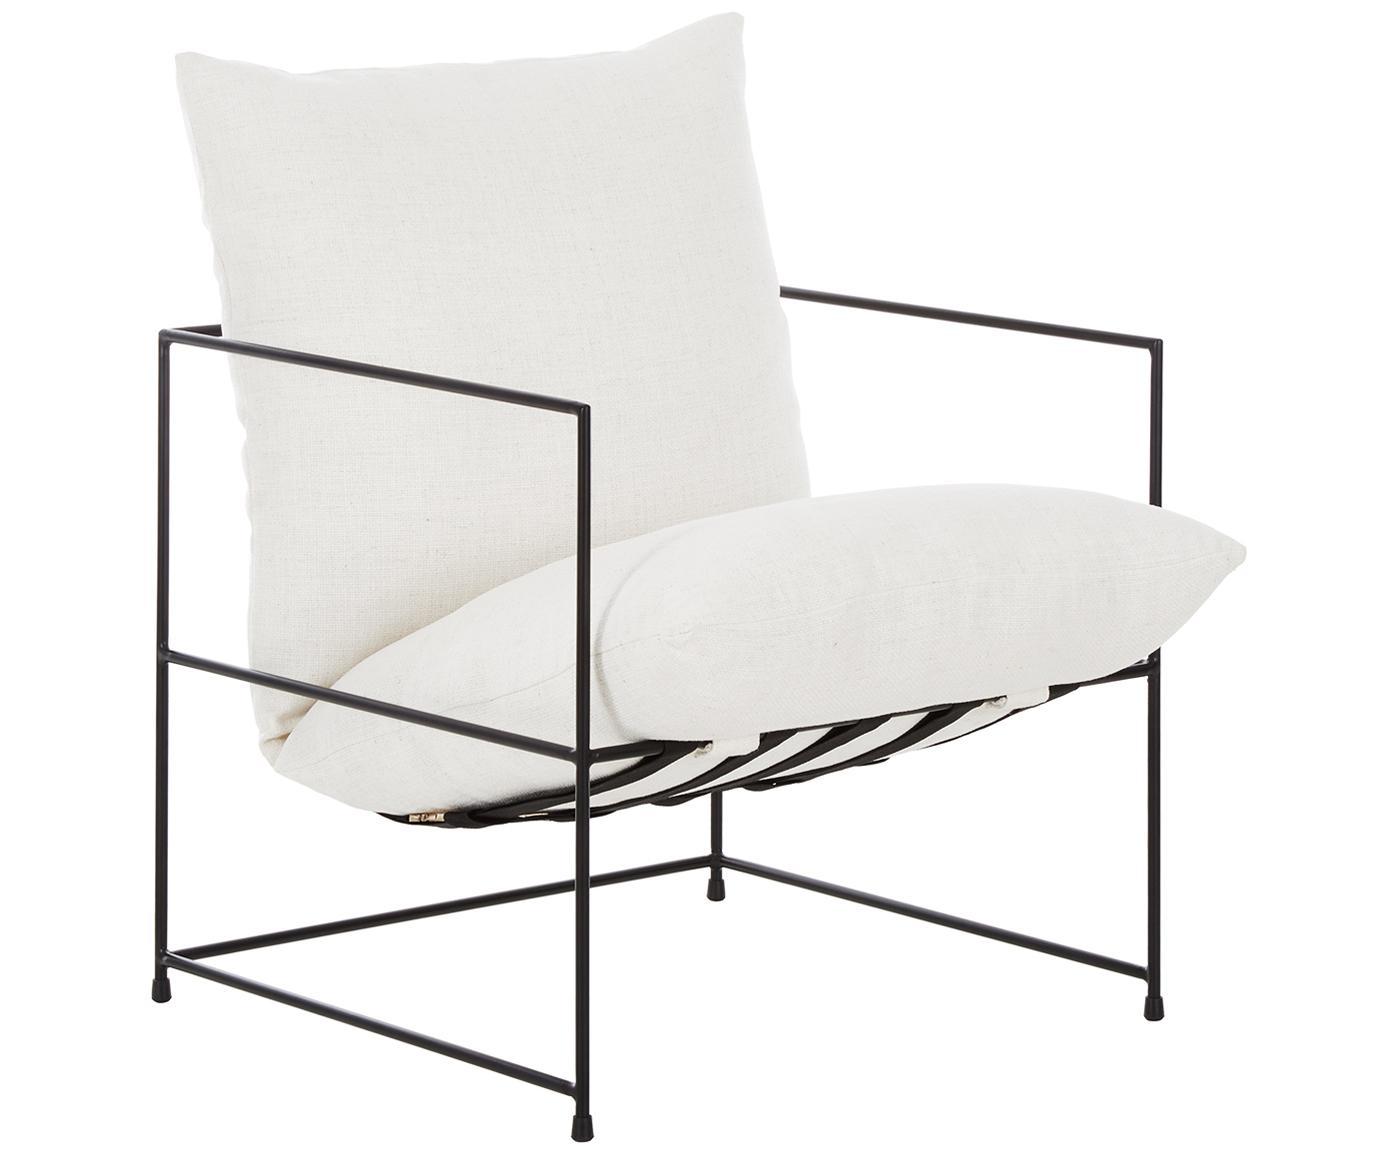 Sedia a poltrona con struttura in metallo Wayne, Rivestimento: 80 % poliestere, 20 % cot, Struttura: metallo verniciato a polv, Tessuto bianco, Larg. 69 x Prof. 74 cm